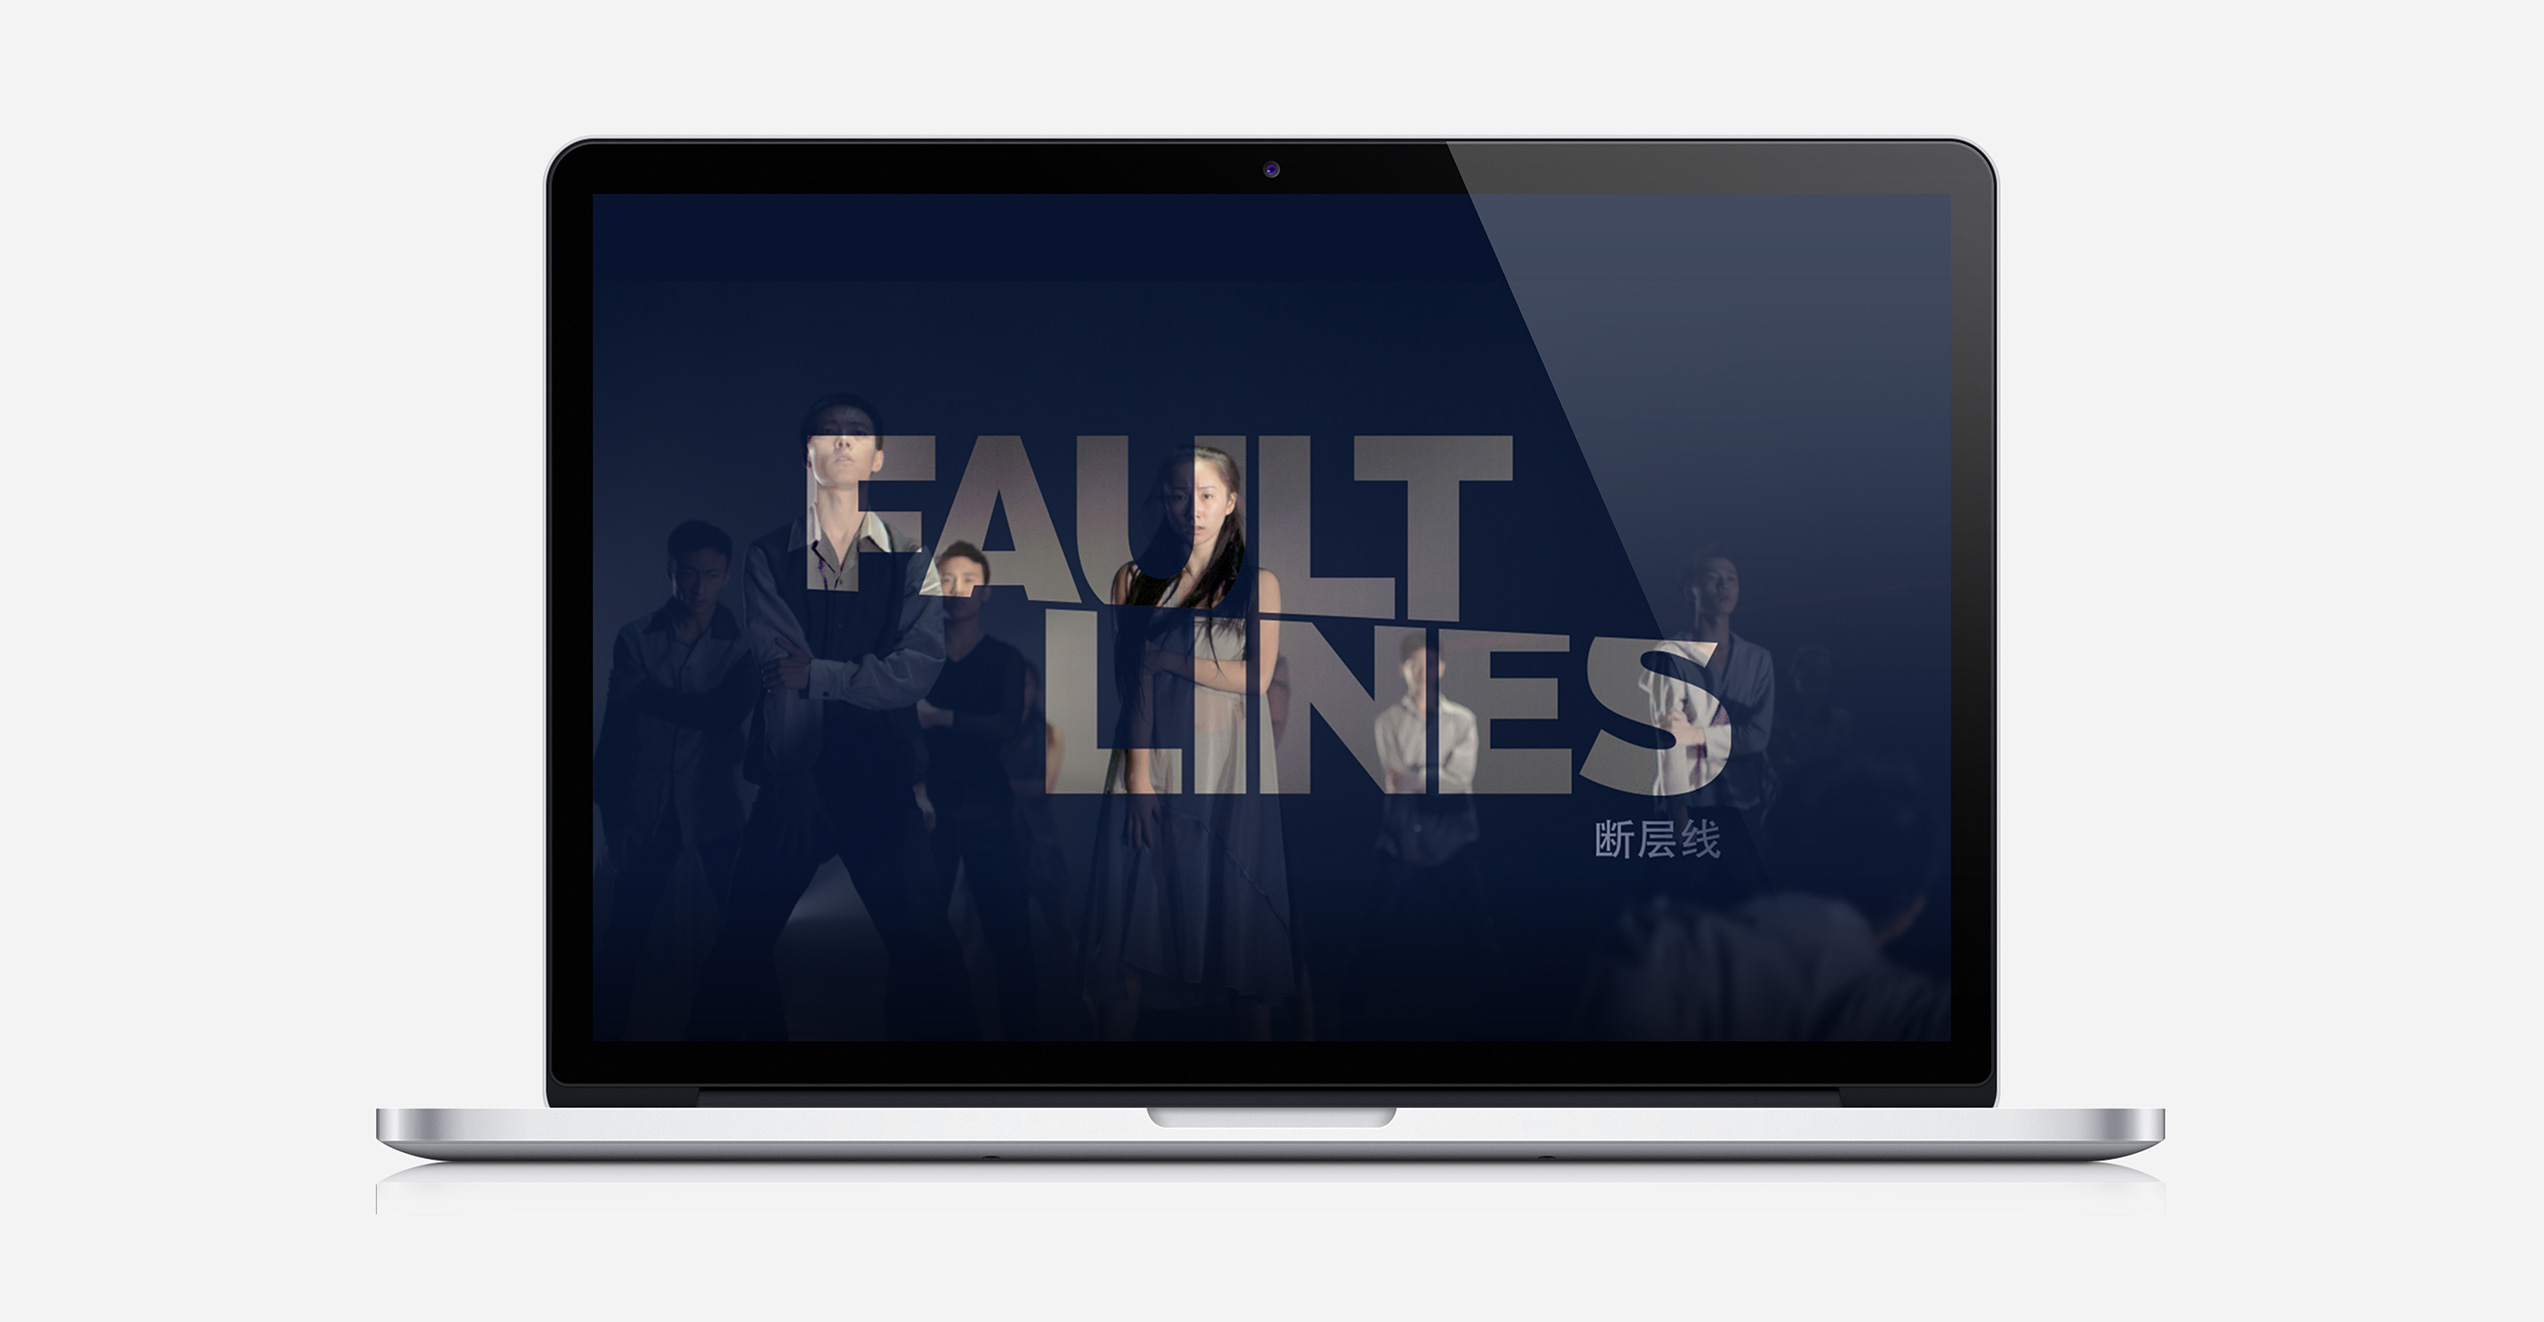 faultlines_website_hero2.jpg